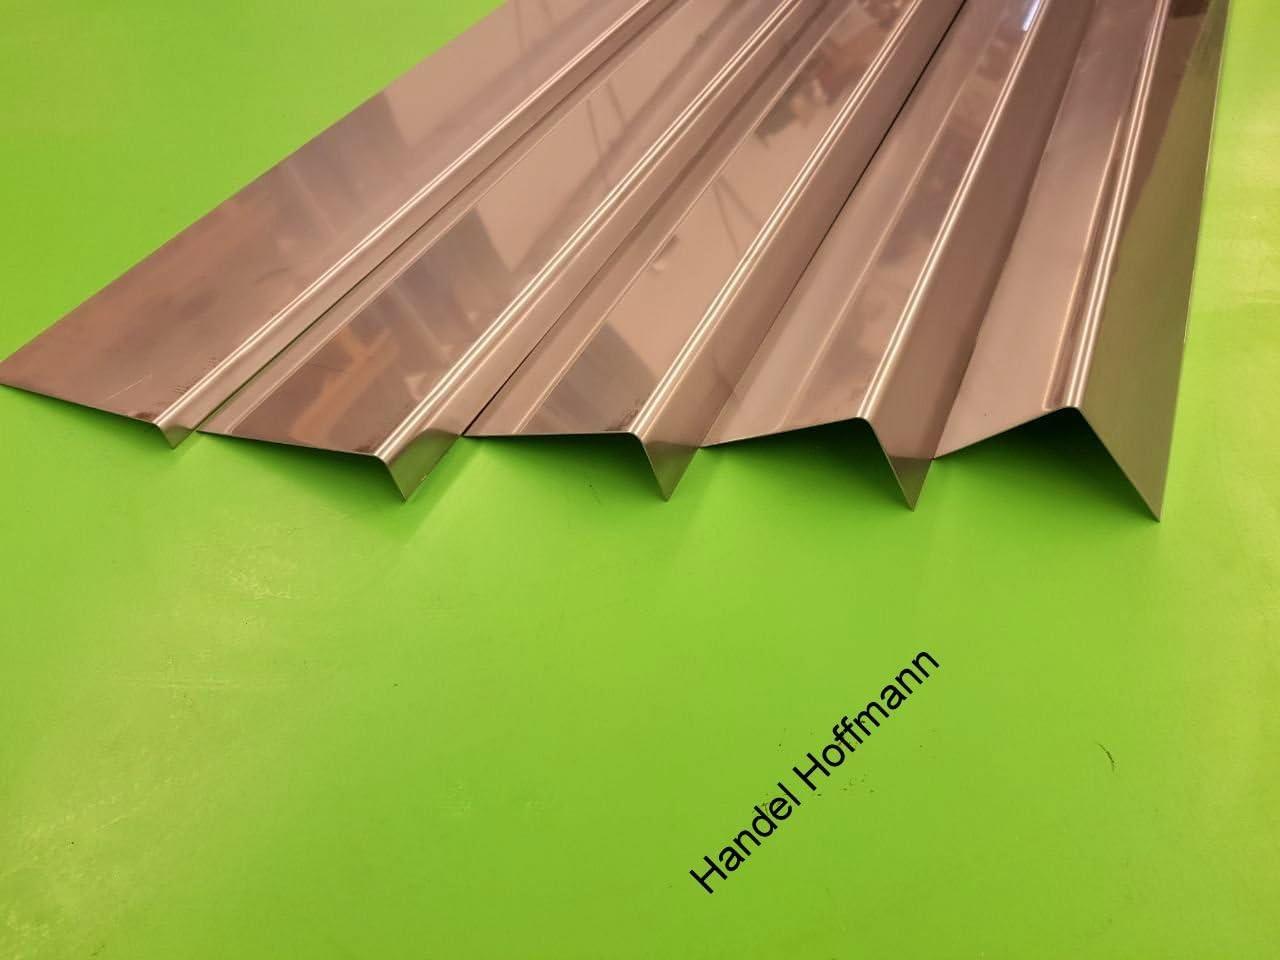 Kantung 125//125 mm Winkelblech 2 m lang Edelstahl 0,6 mm Zuschnitt 25 cm